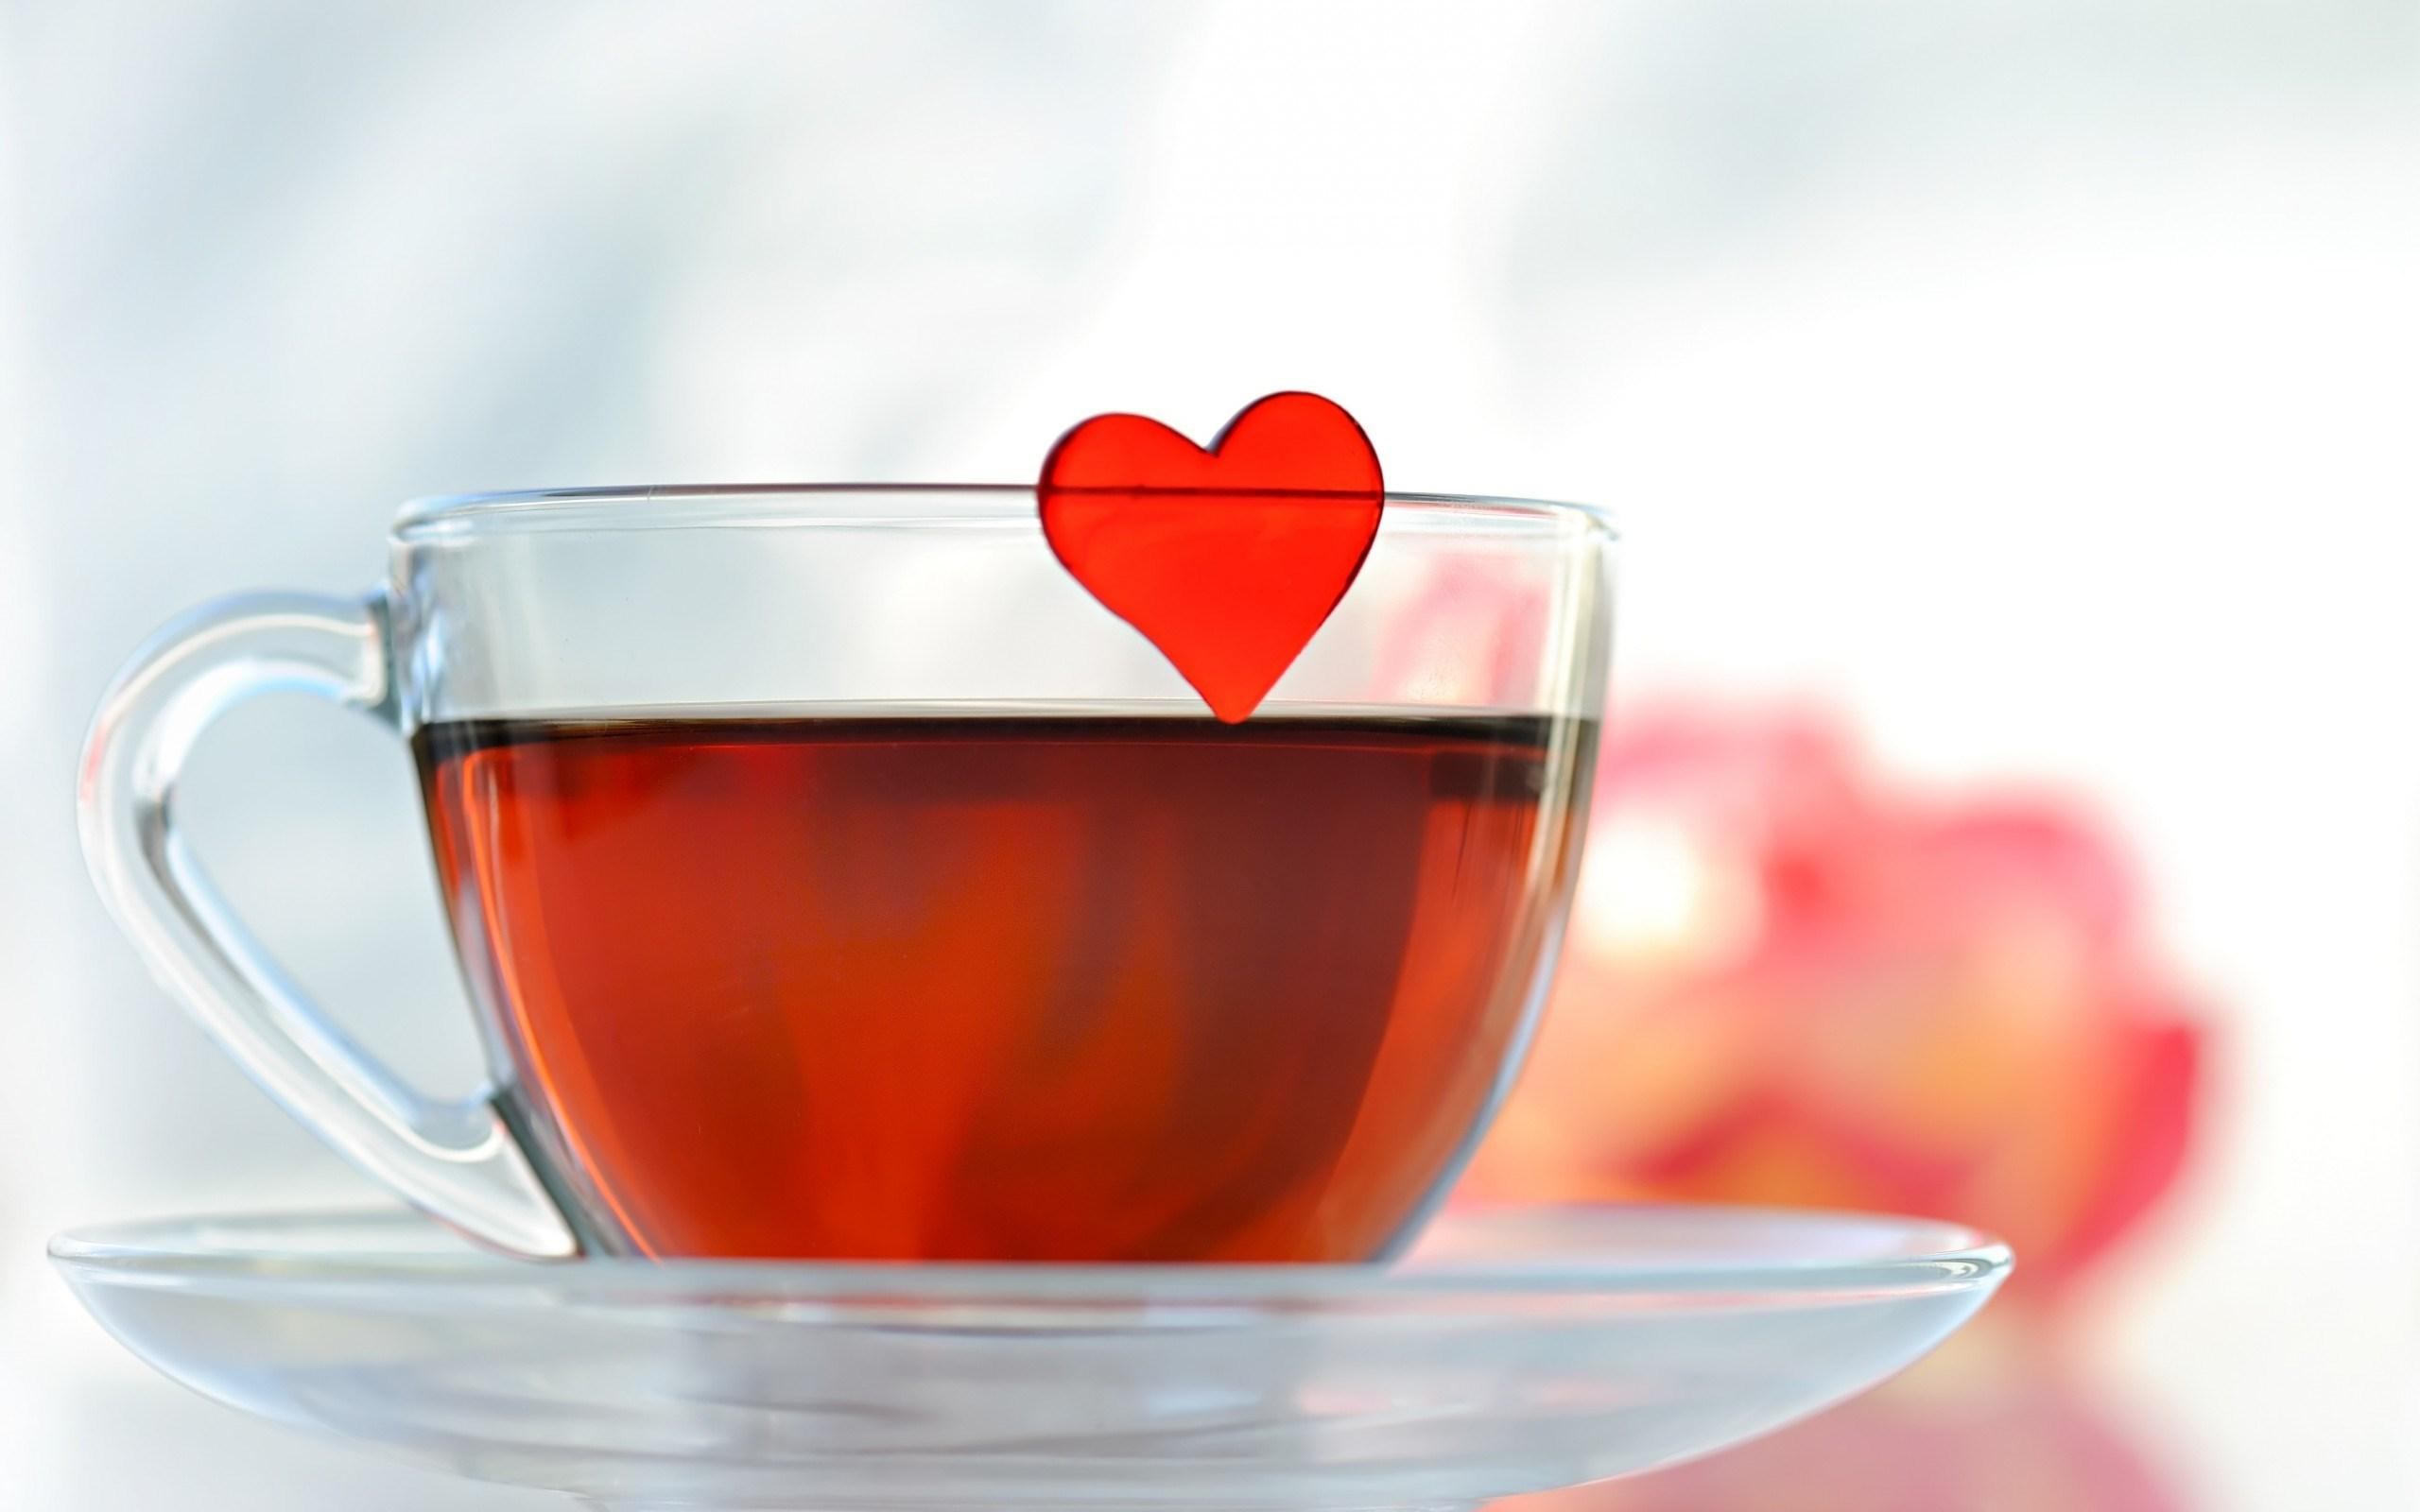 Tea Cup Wallpaper 42216 2560x1600 px